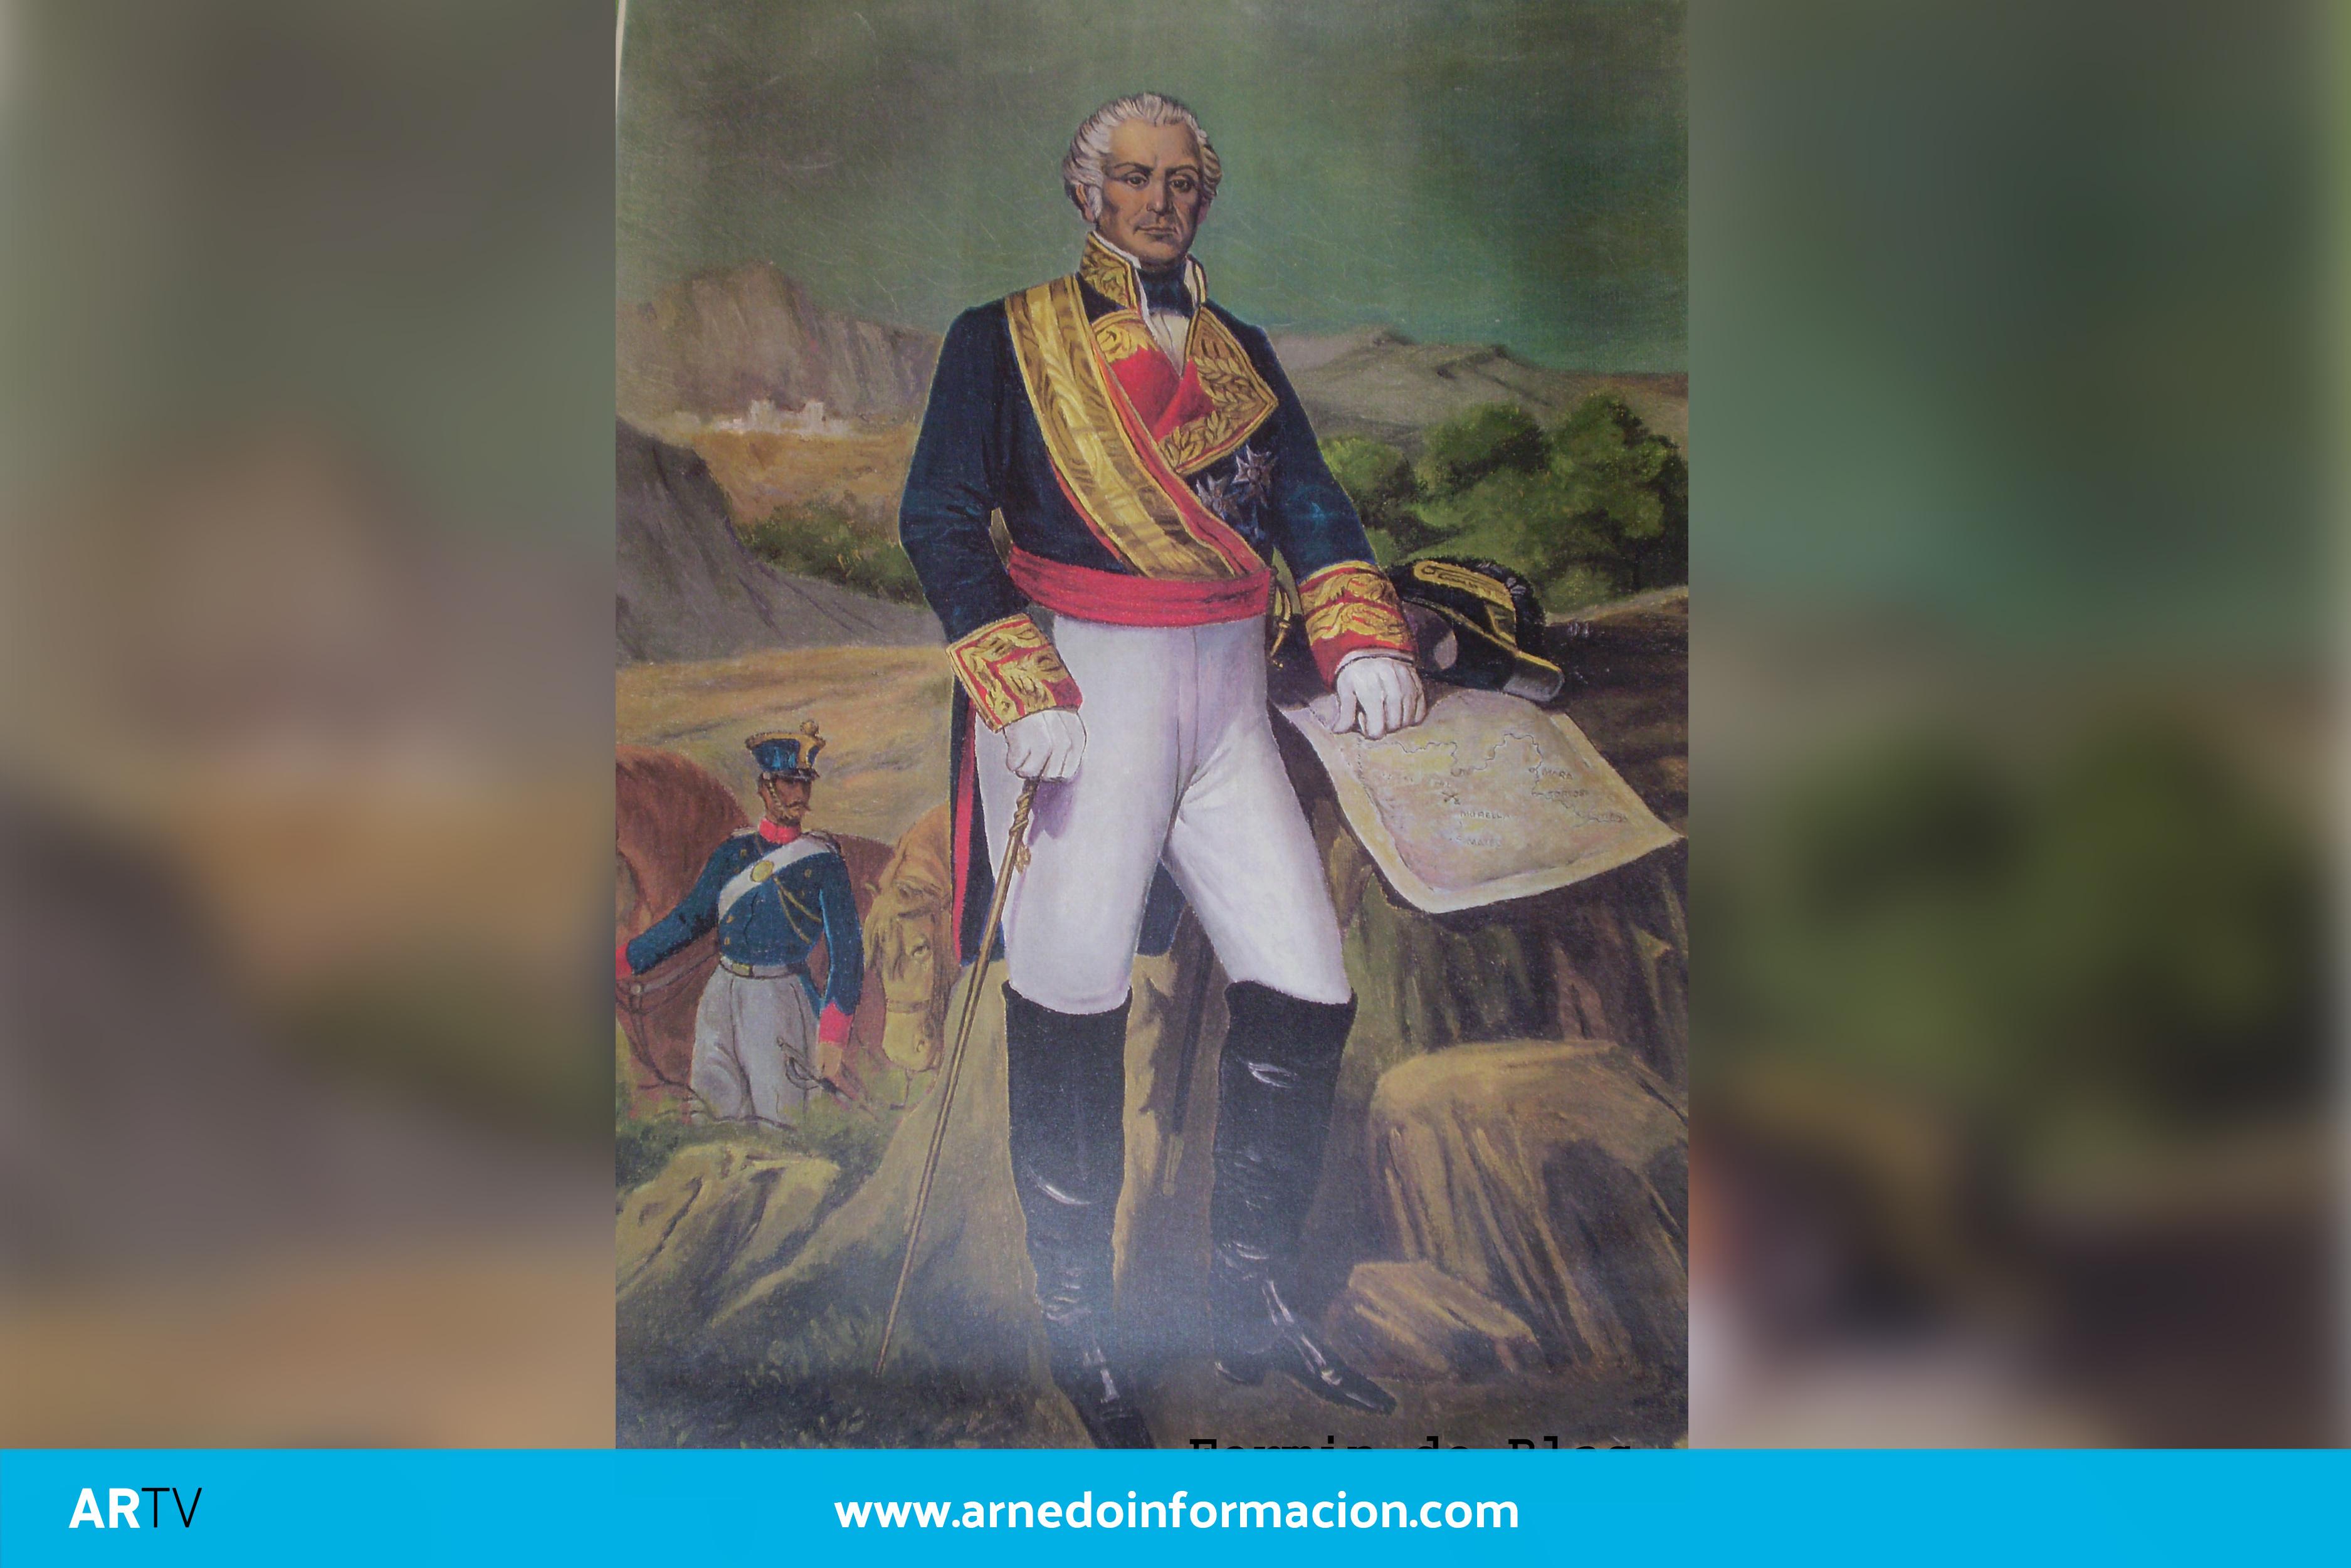 La historia del arnedano General Bretón